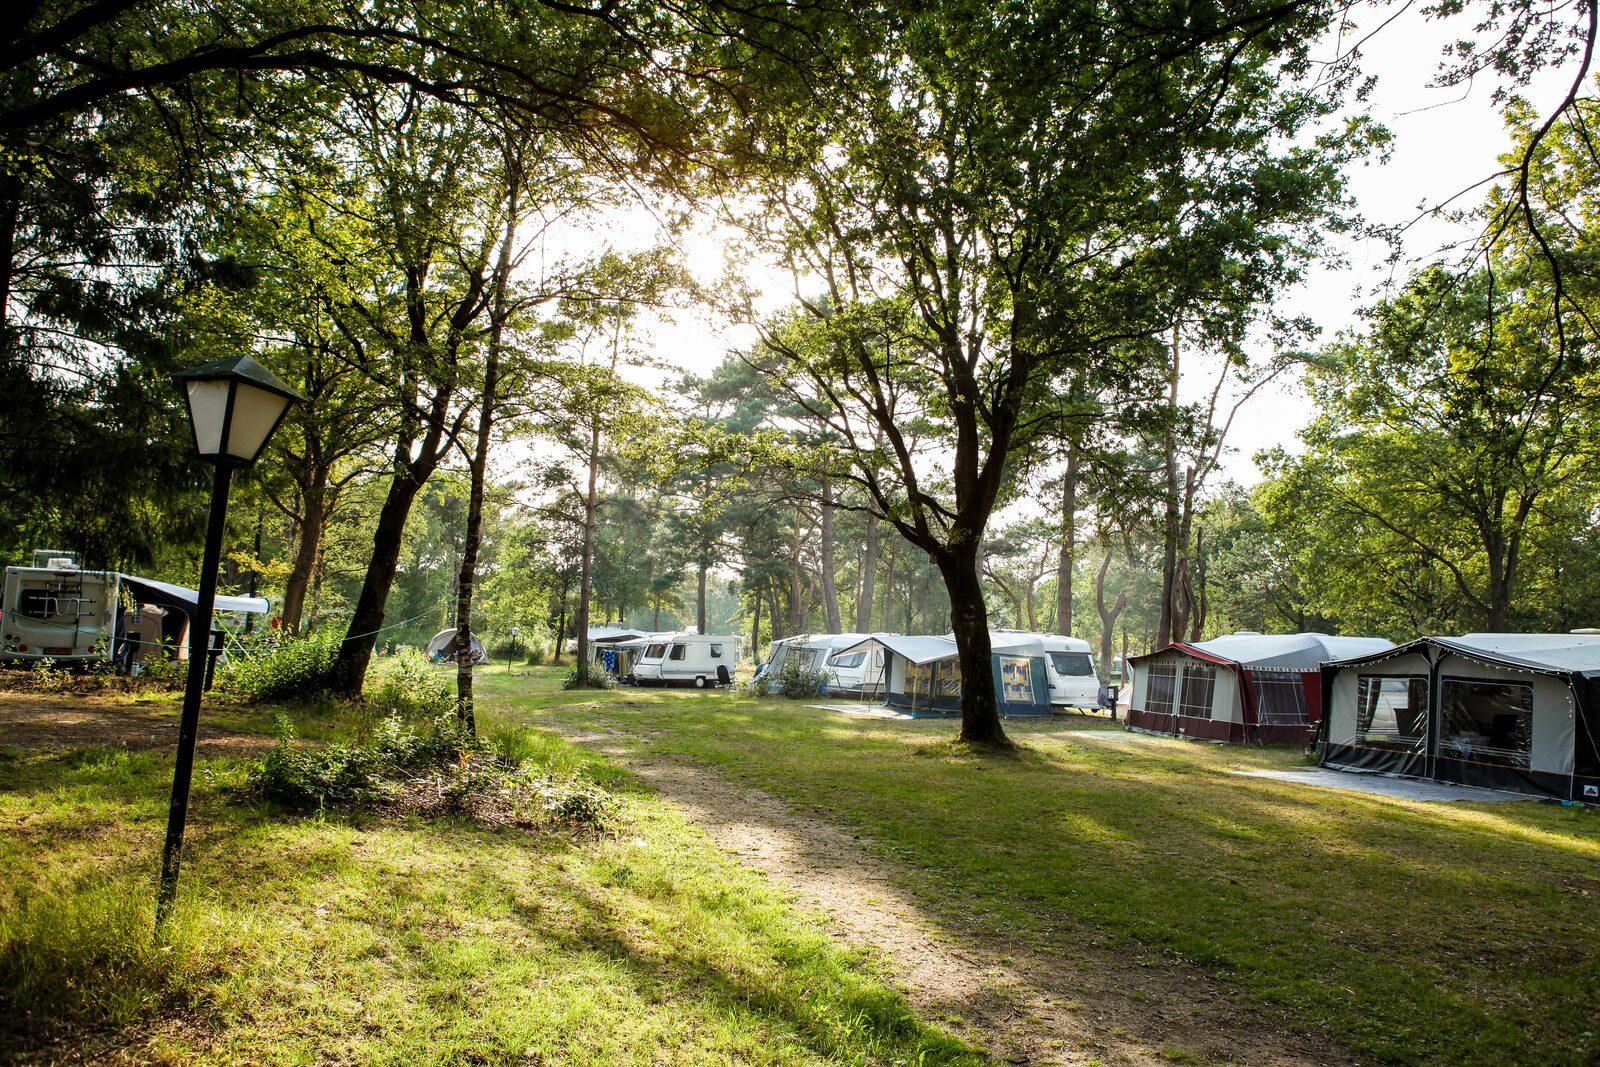 roege stuk kampeerplekken